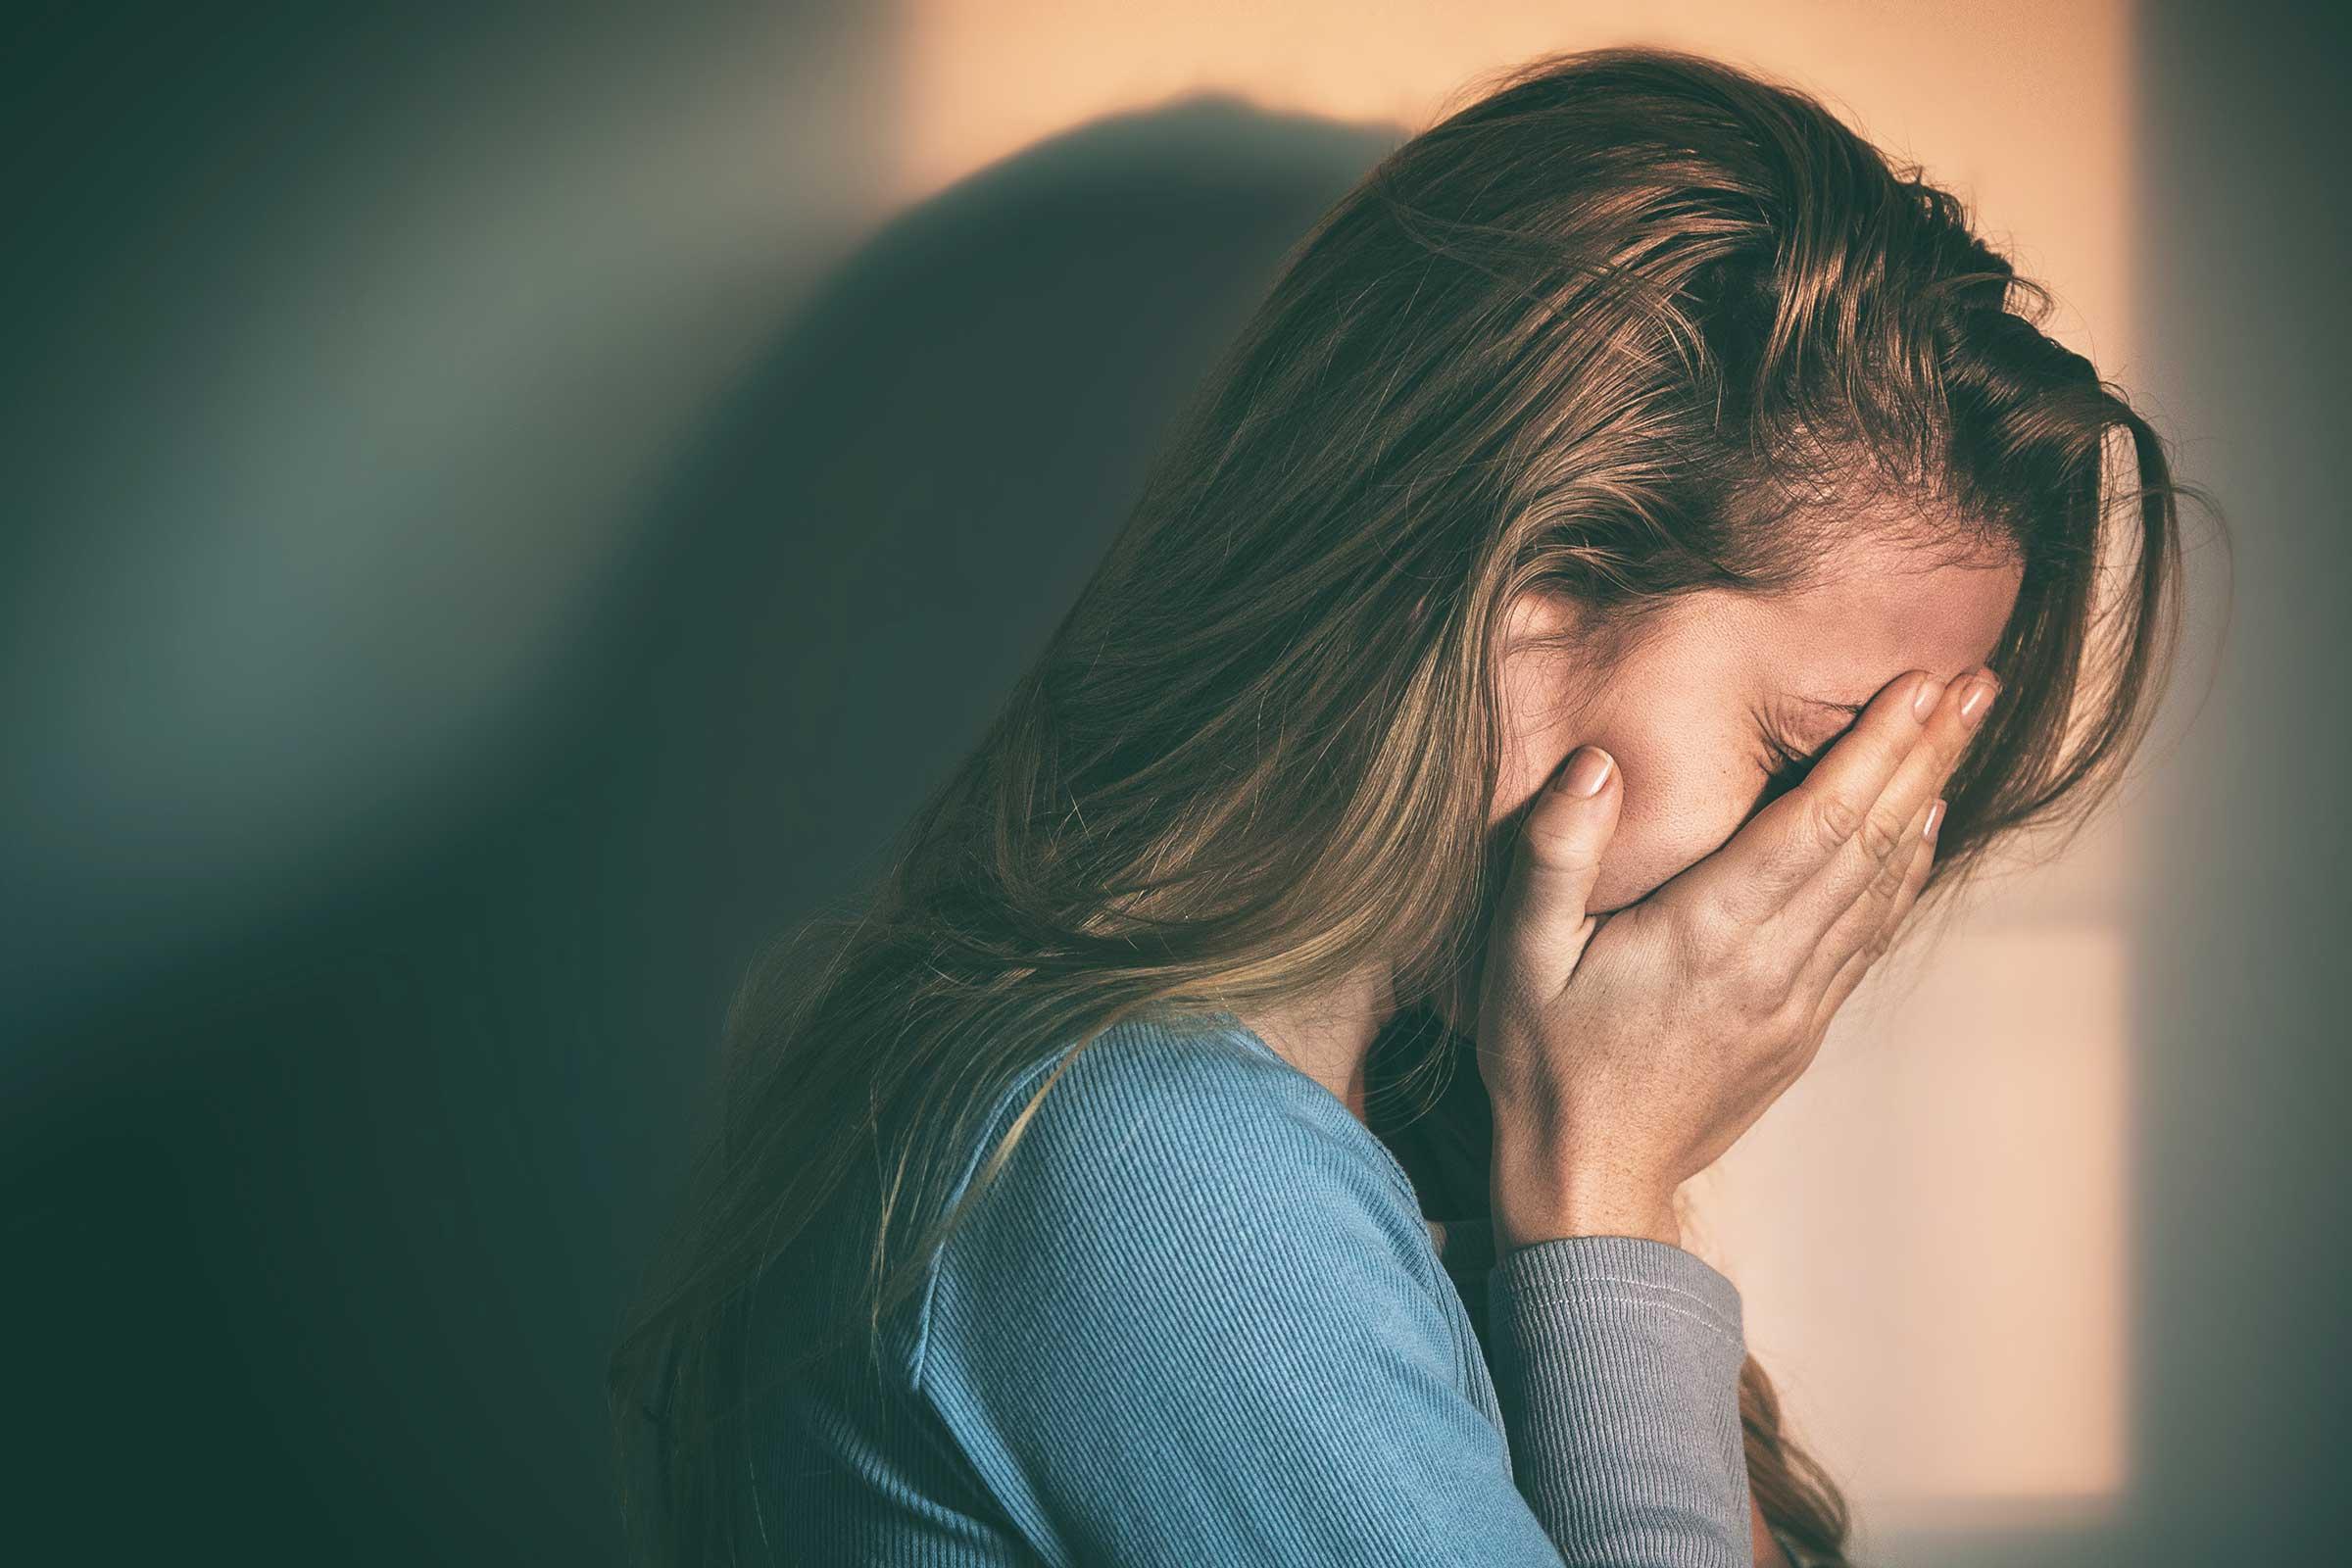 Ako primijetite OVIH 10 znakova vaš partner vas EMOCIONALNO zlostavlja